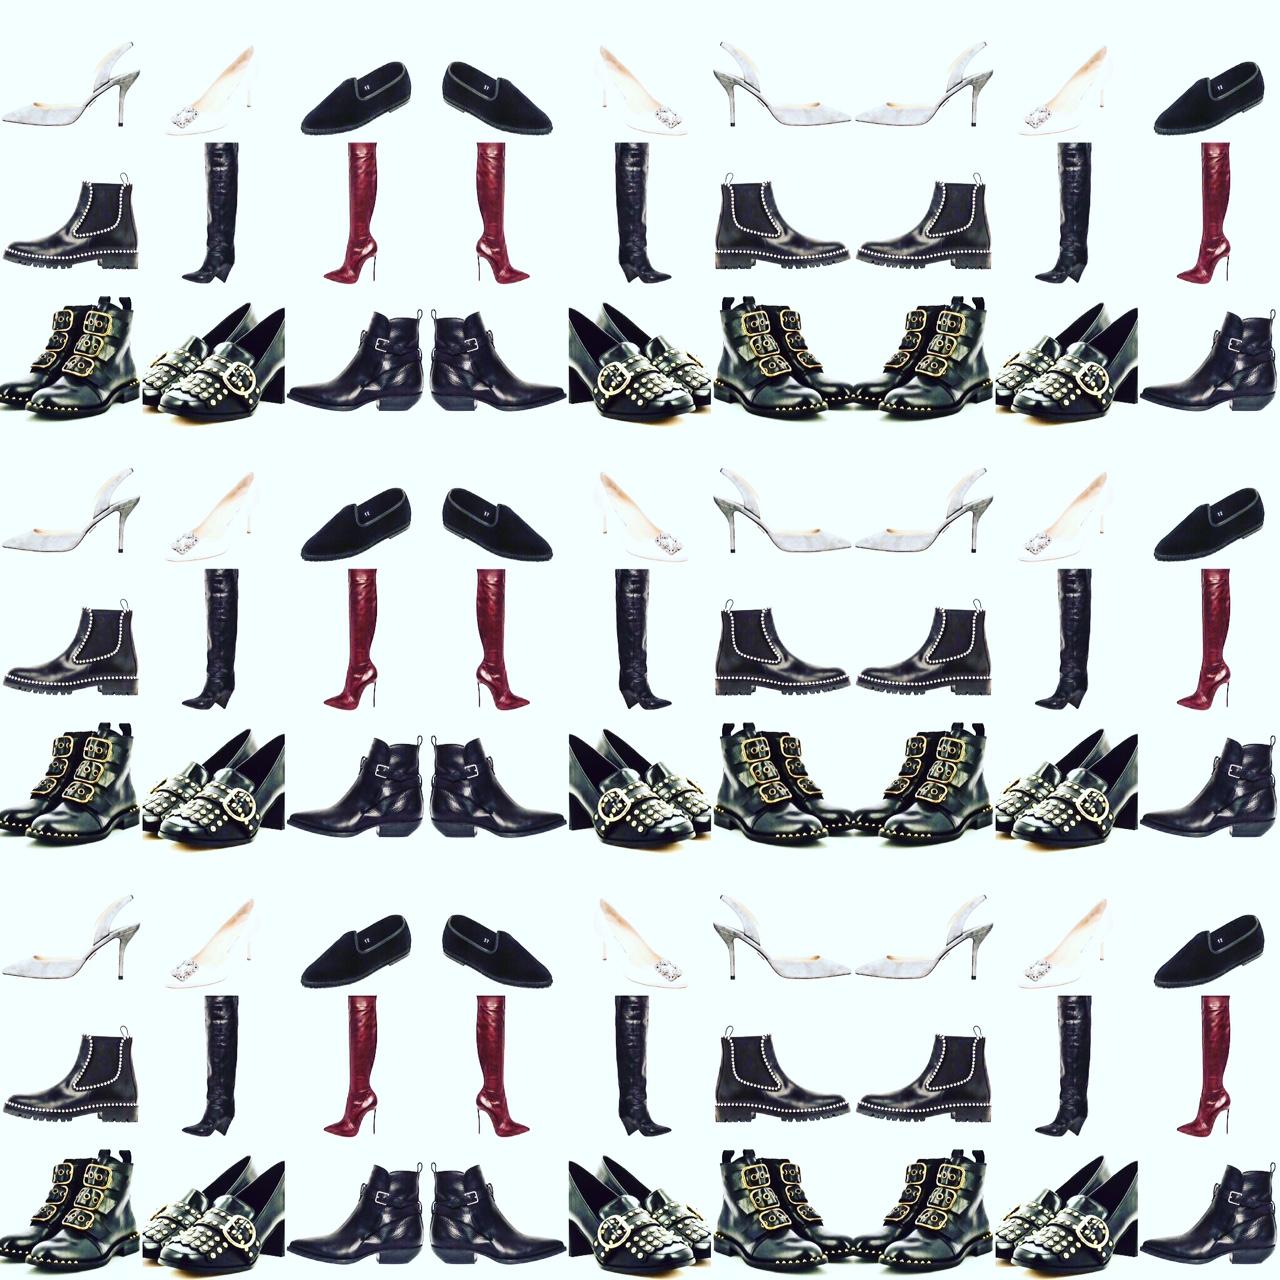 Tendenze scarpe per l'autunno/inverno 2018